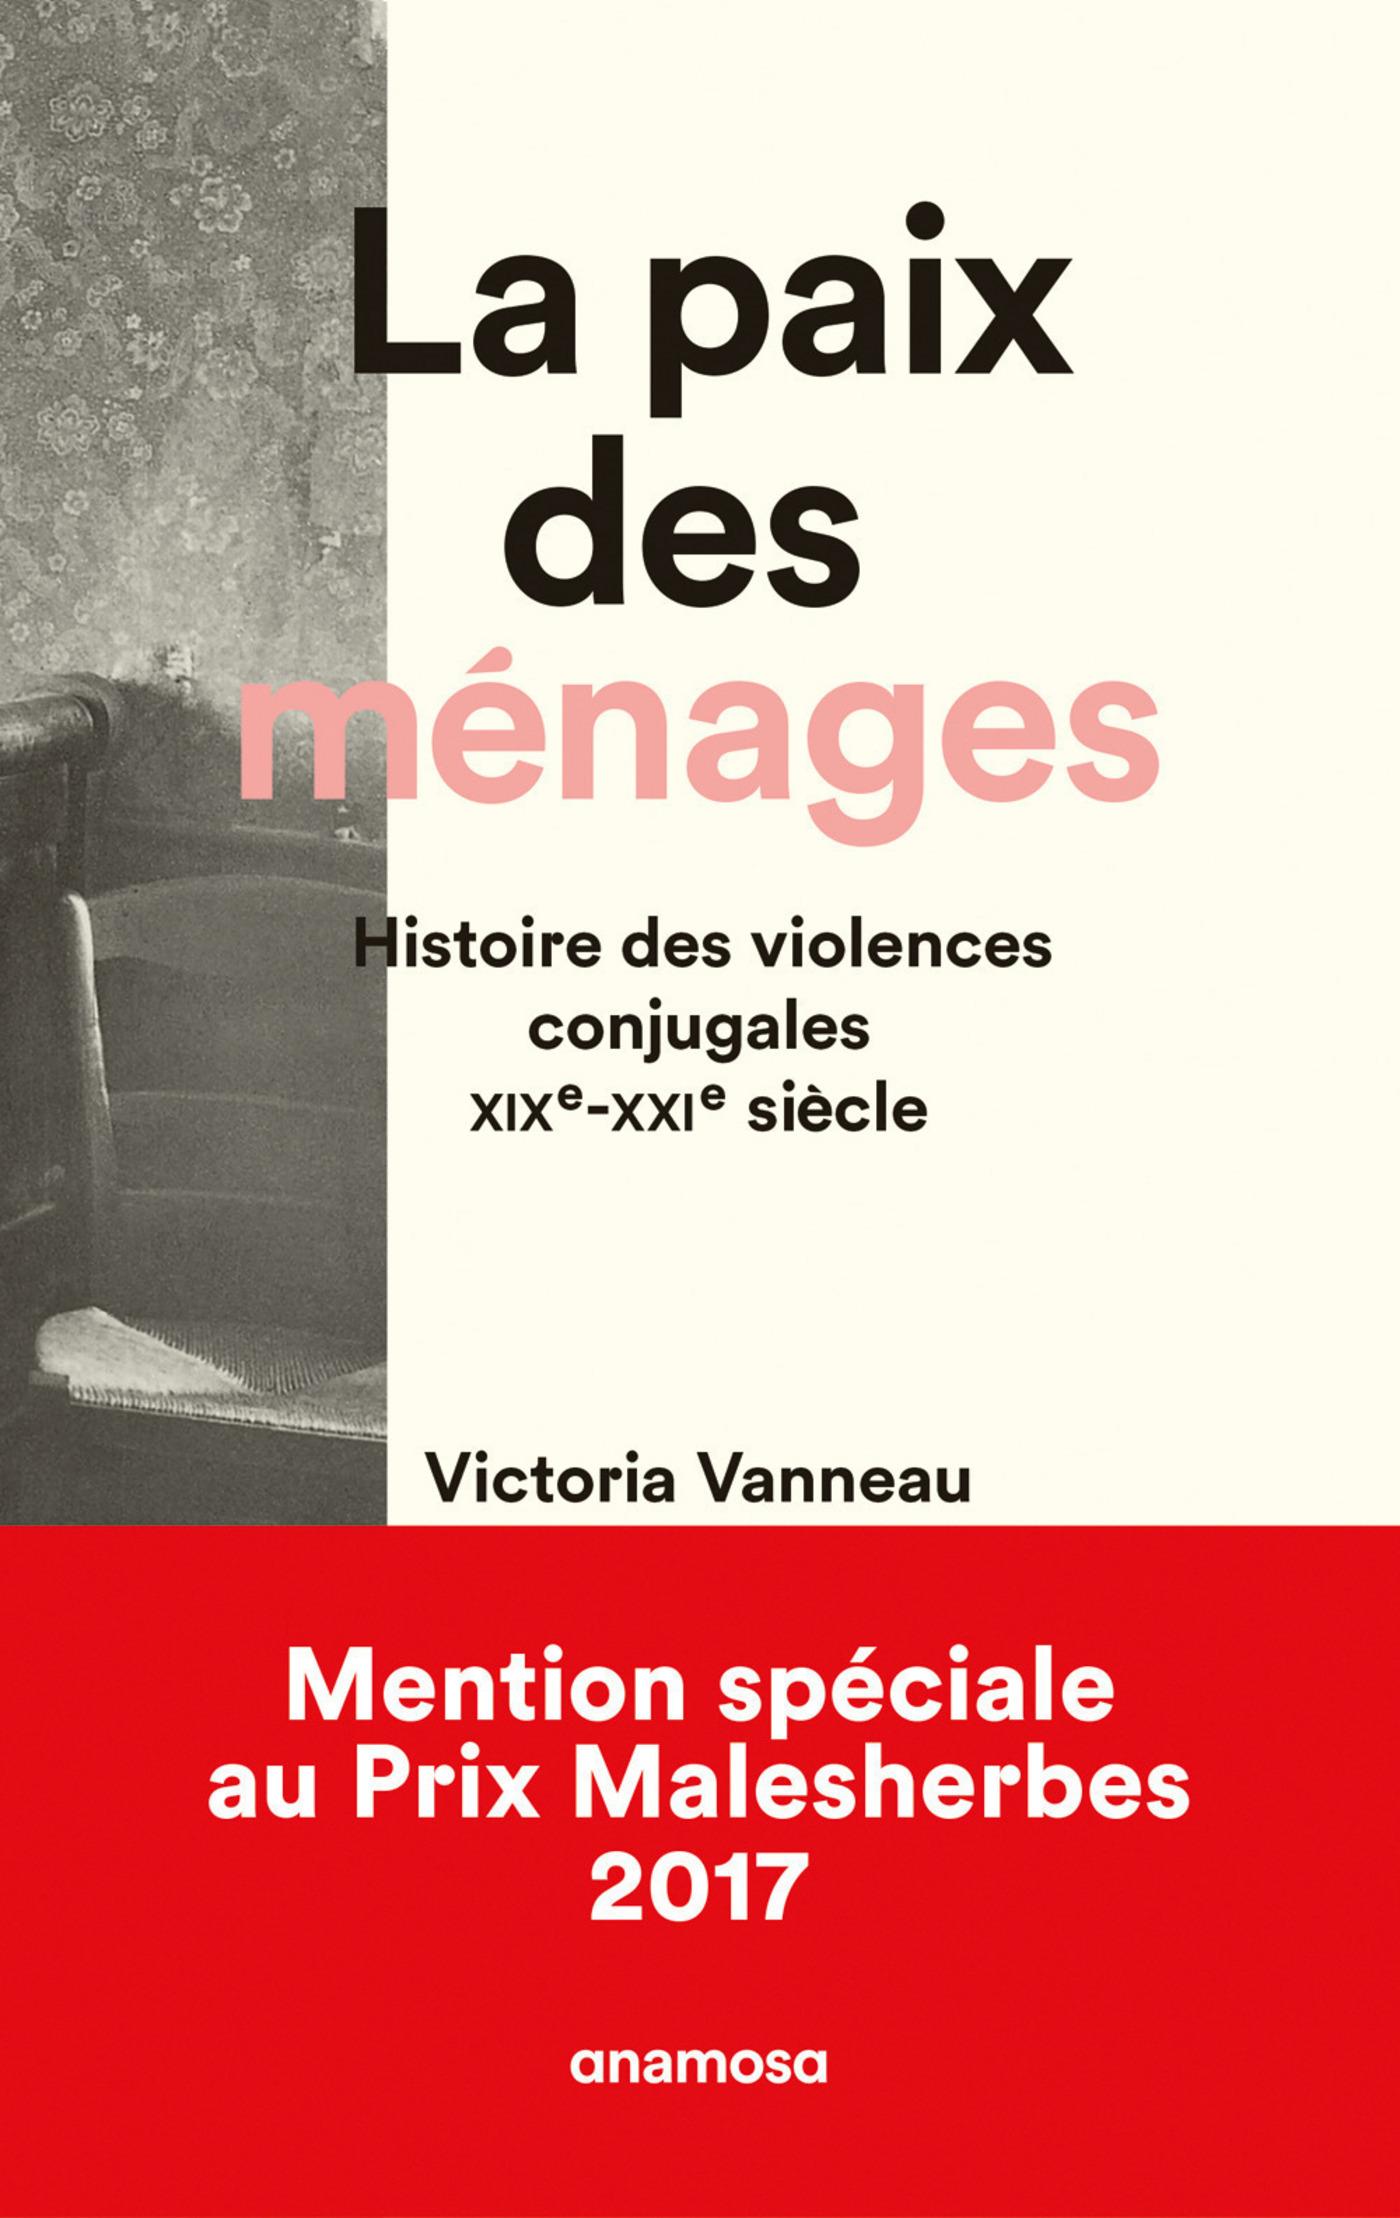 La Paix des ménages - Histoire des violences conjugales XIXe-XXIe siècle